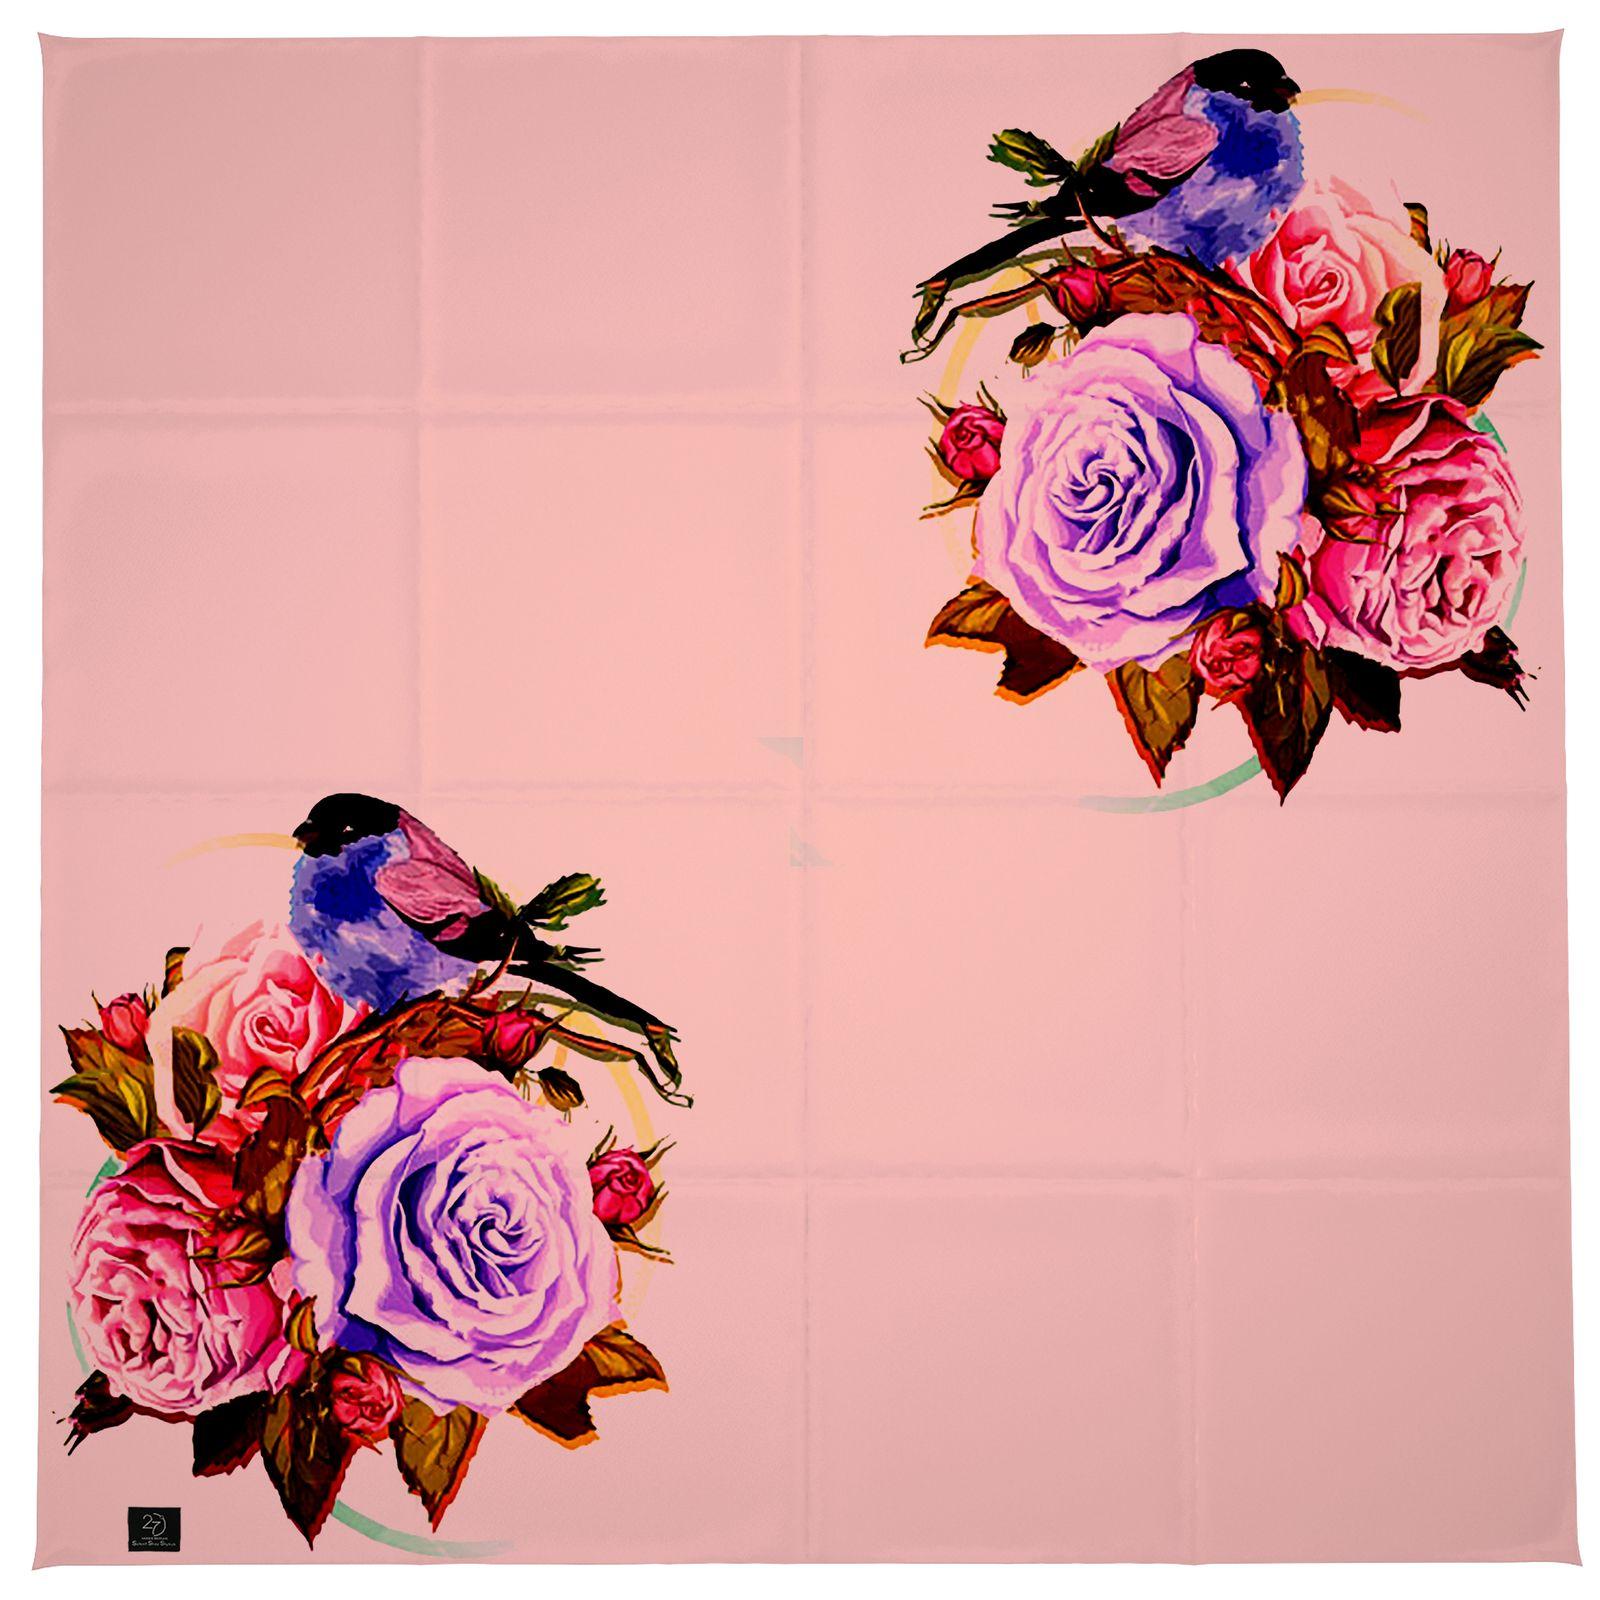 روسری زنانه 27 طرح پرنده و گل کد H06 -  - 5